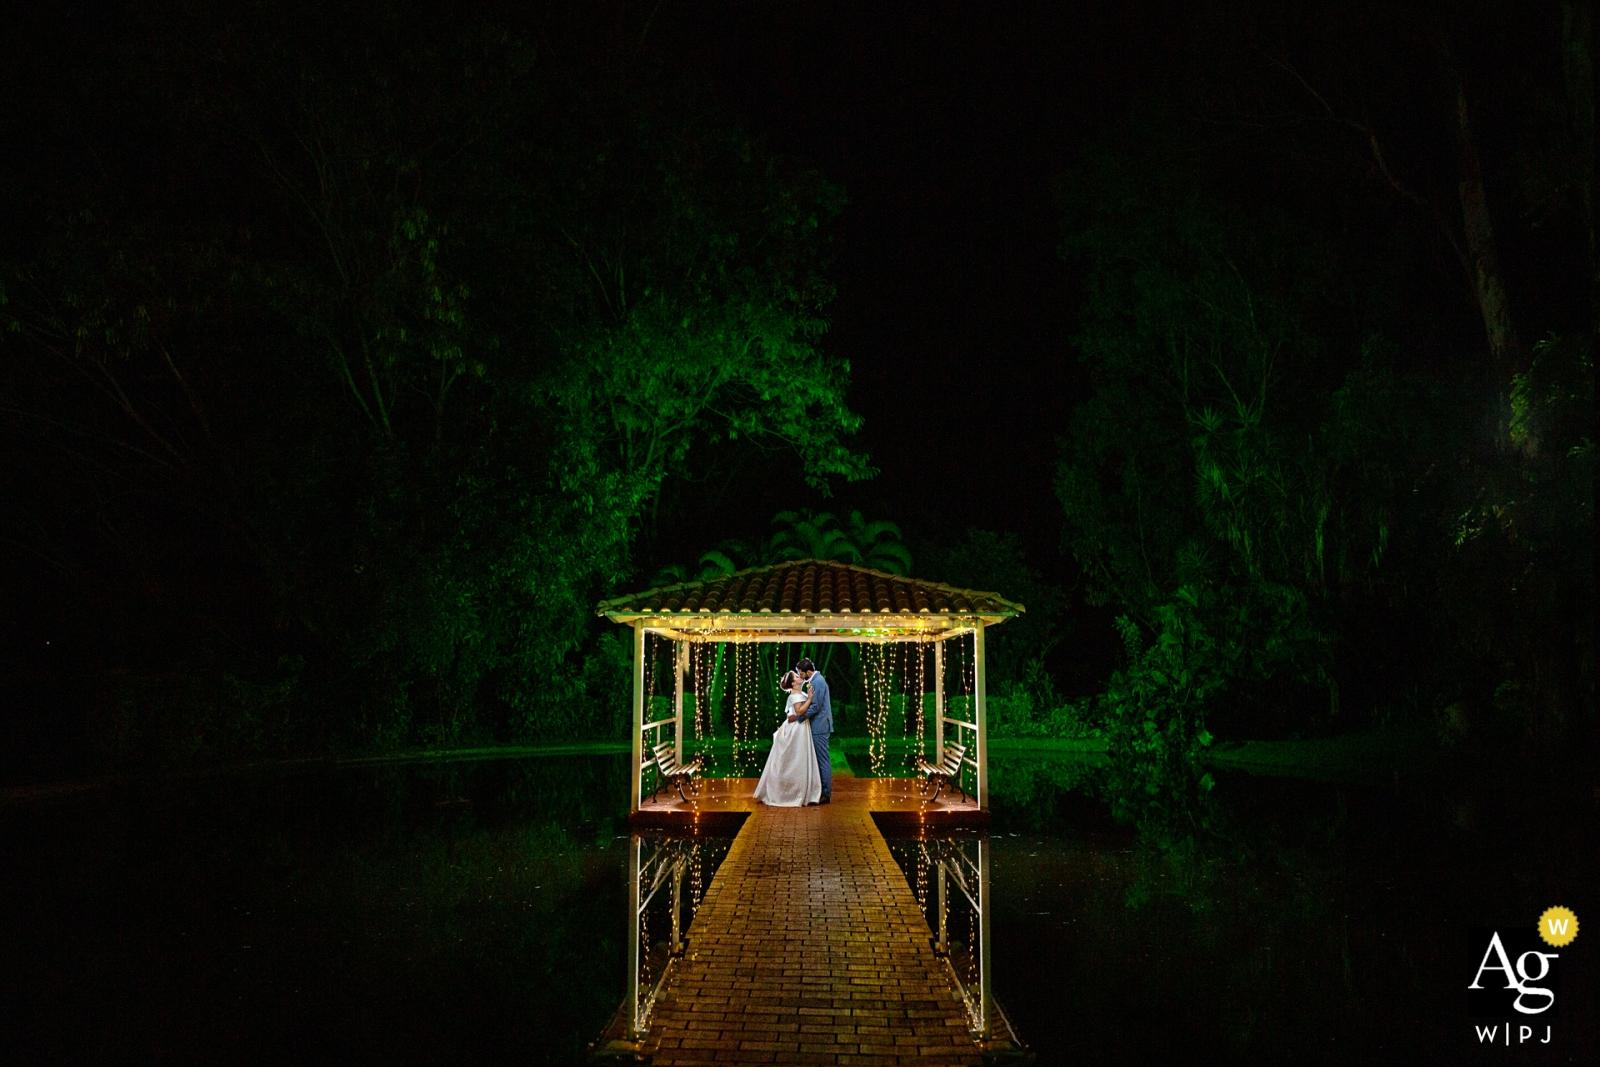 Huwelijksfotograaf in Brazilië - Aldeia das Flores-portret bij nacht